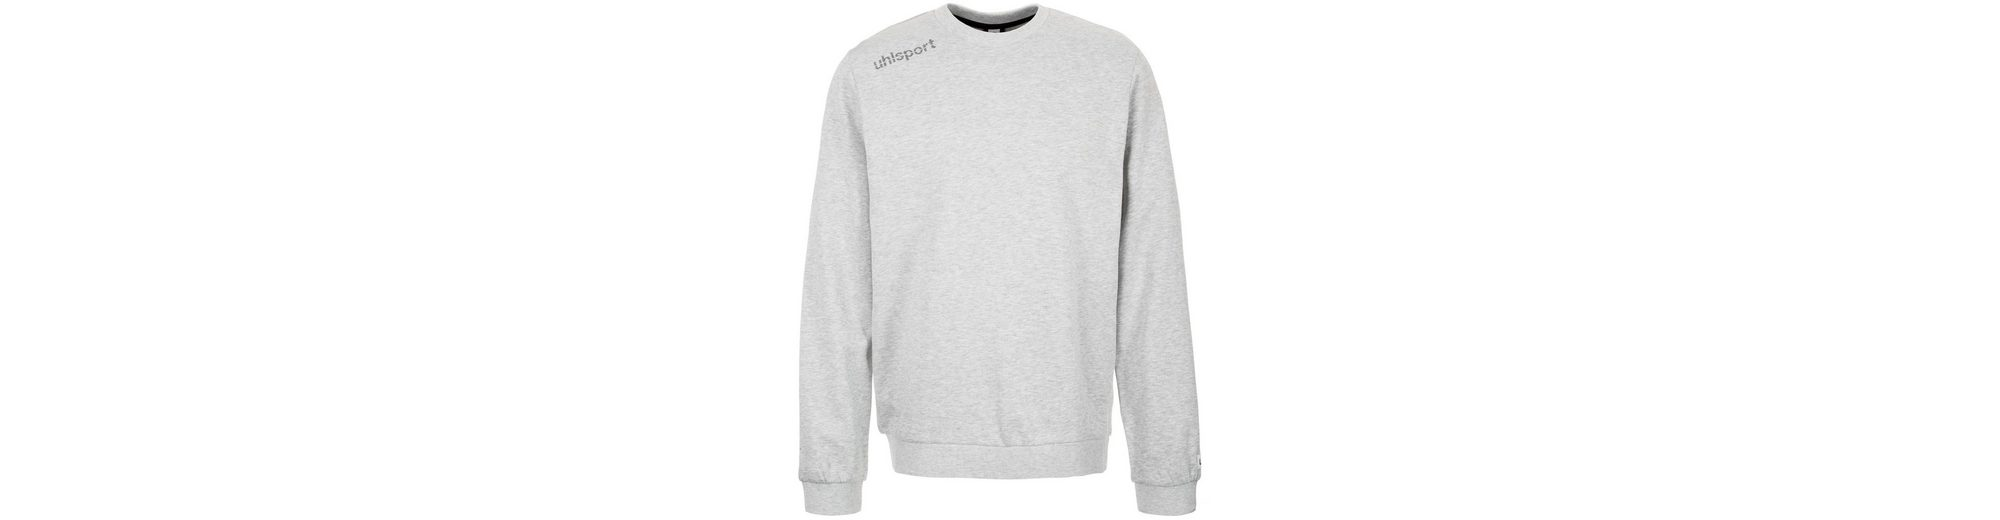 UHLSPORT Essential Sweatshirt Herren Billig Vorbestellung Aus Deutschland Niedrig Versandkosten Neu Zu Verkaufen Viele Arten Breite Palette Von Online 8PNHD3awj